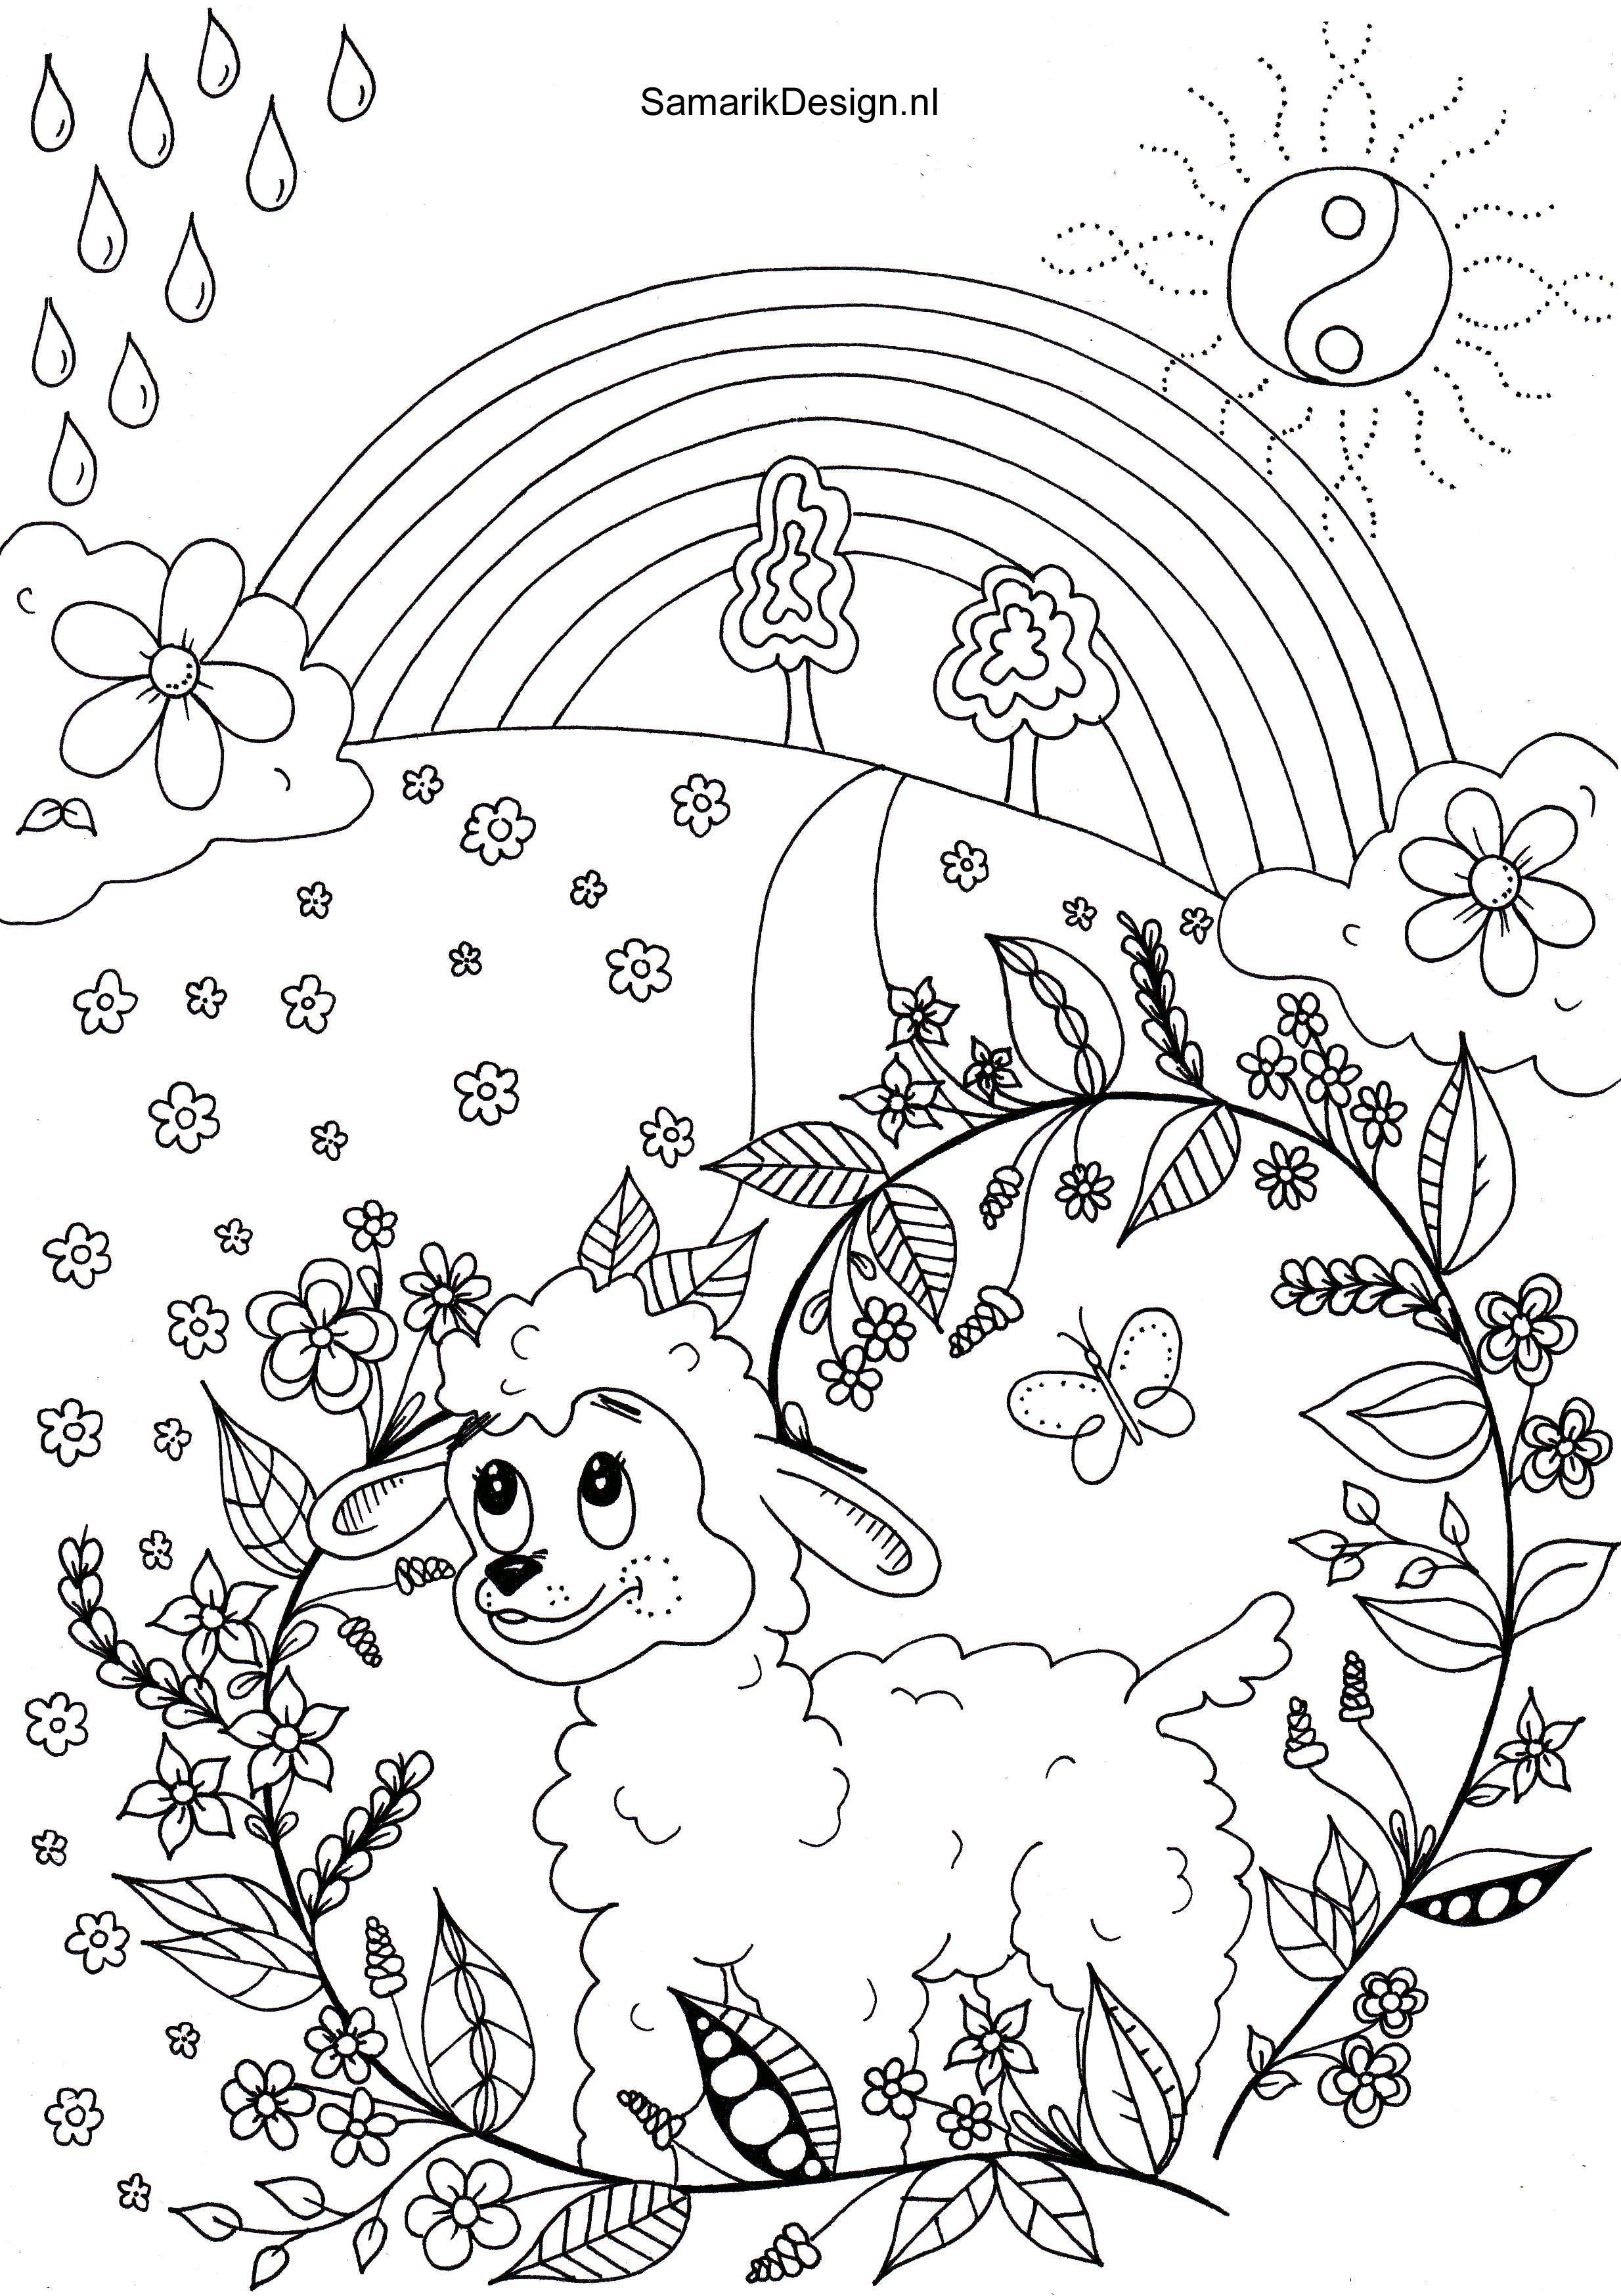 Pasen Lente Doodle Kleuren Kleurplaten Kleurplaten Voor Volwassenen